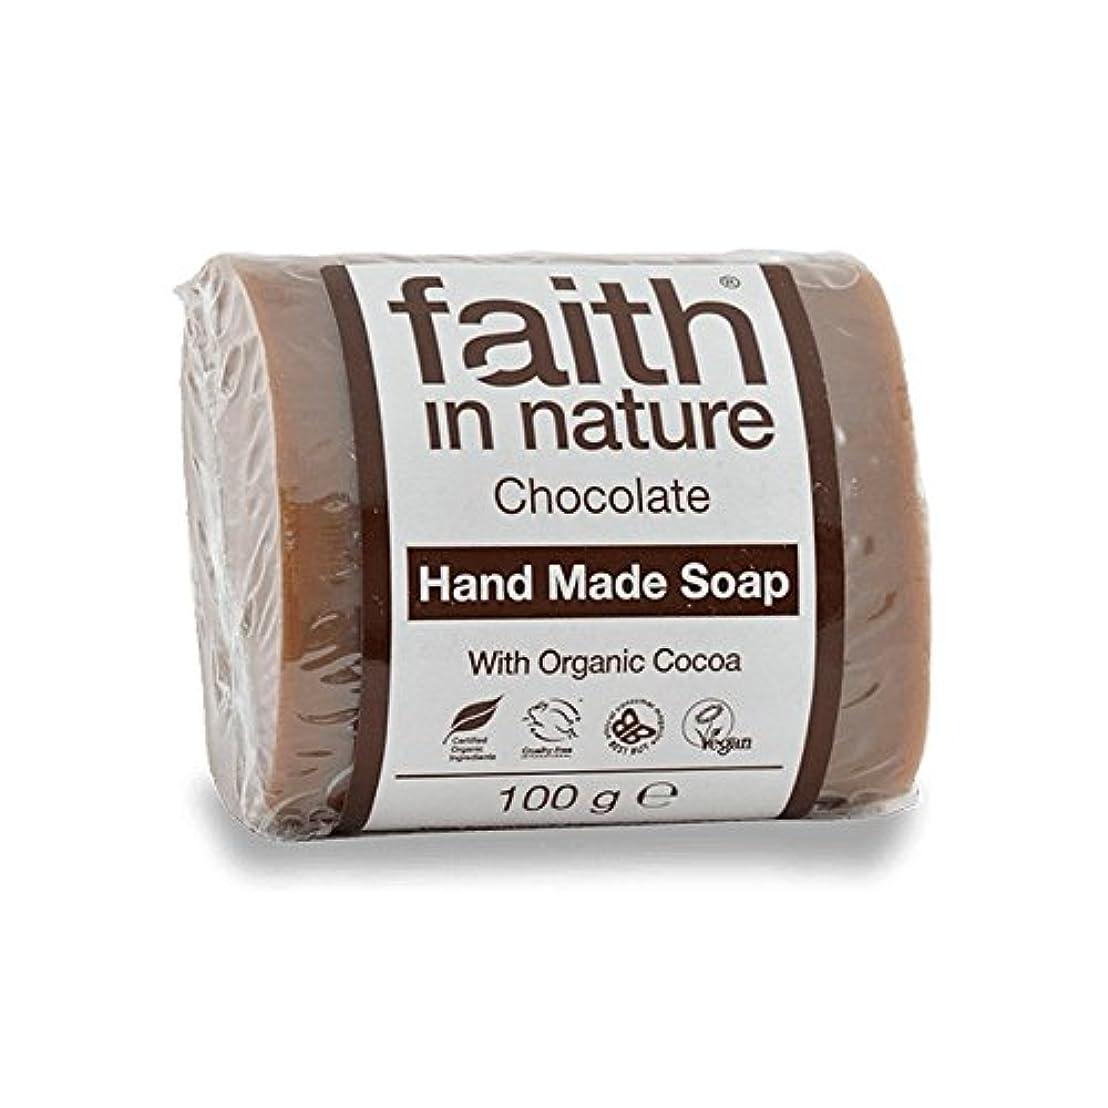 ライナー映画夕方自然チョコレート石鹸100グラムの信仰 - Faith in Nature Chocolate Soap 100g (Faith in Nature) [並行輸入品]